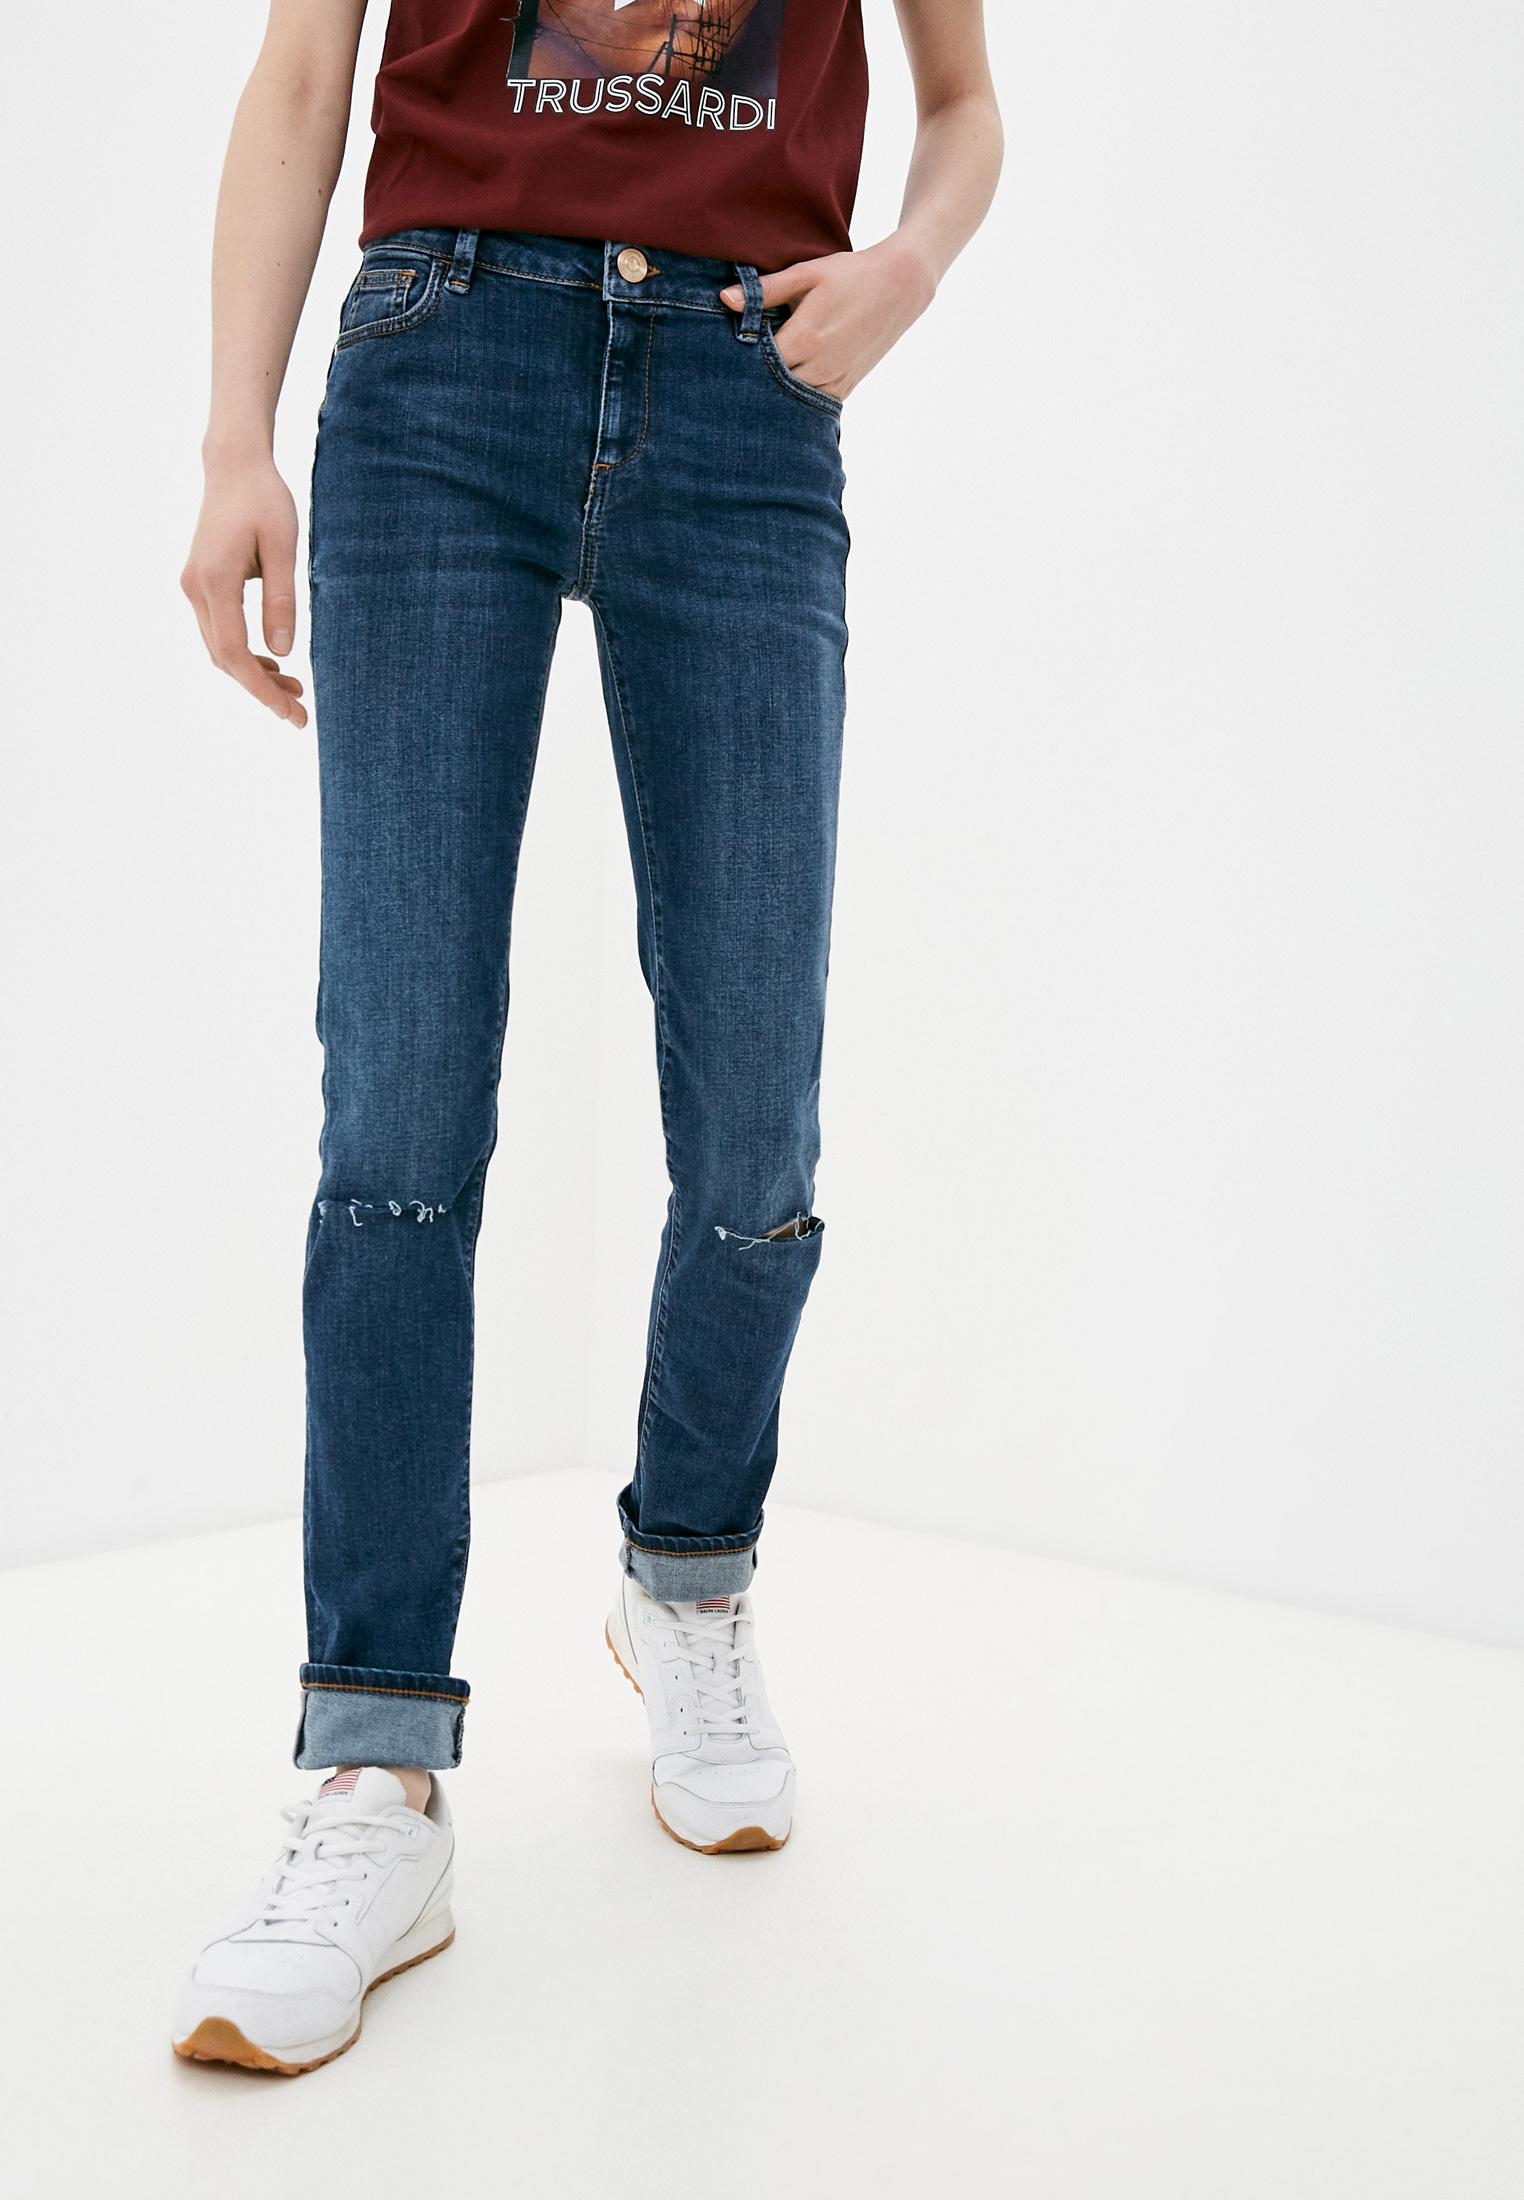 Прямые джинсы Trussardi (Труссарди) 56J00000-1T001531-C-005